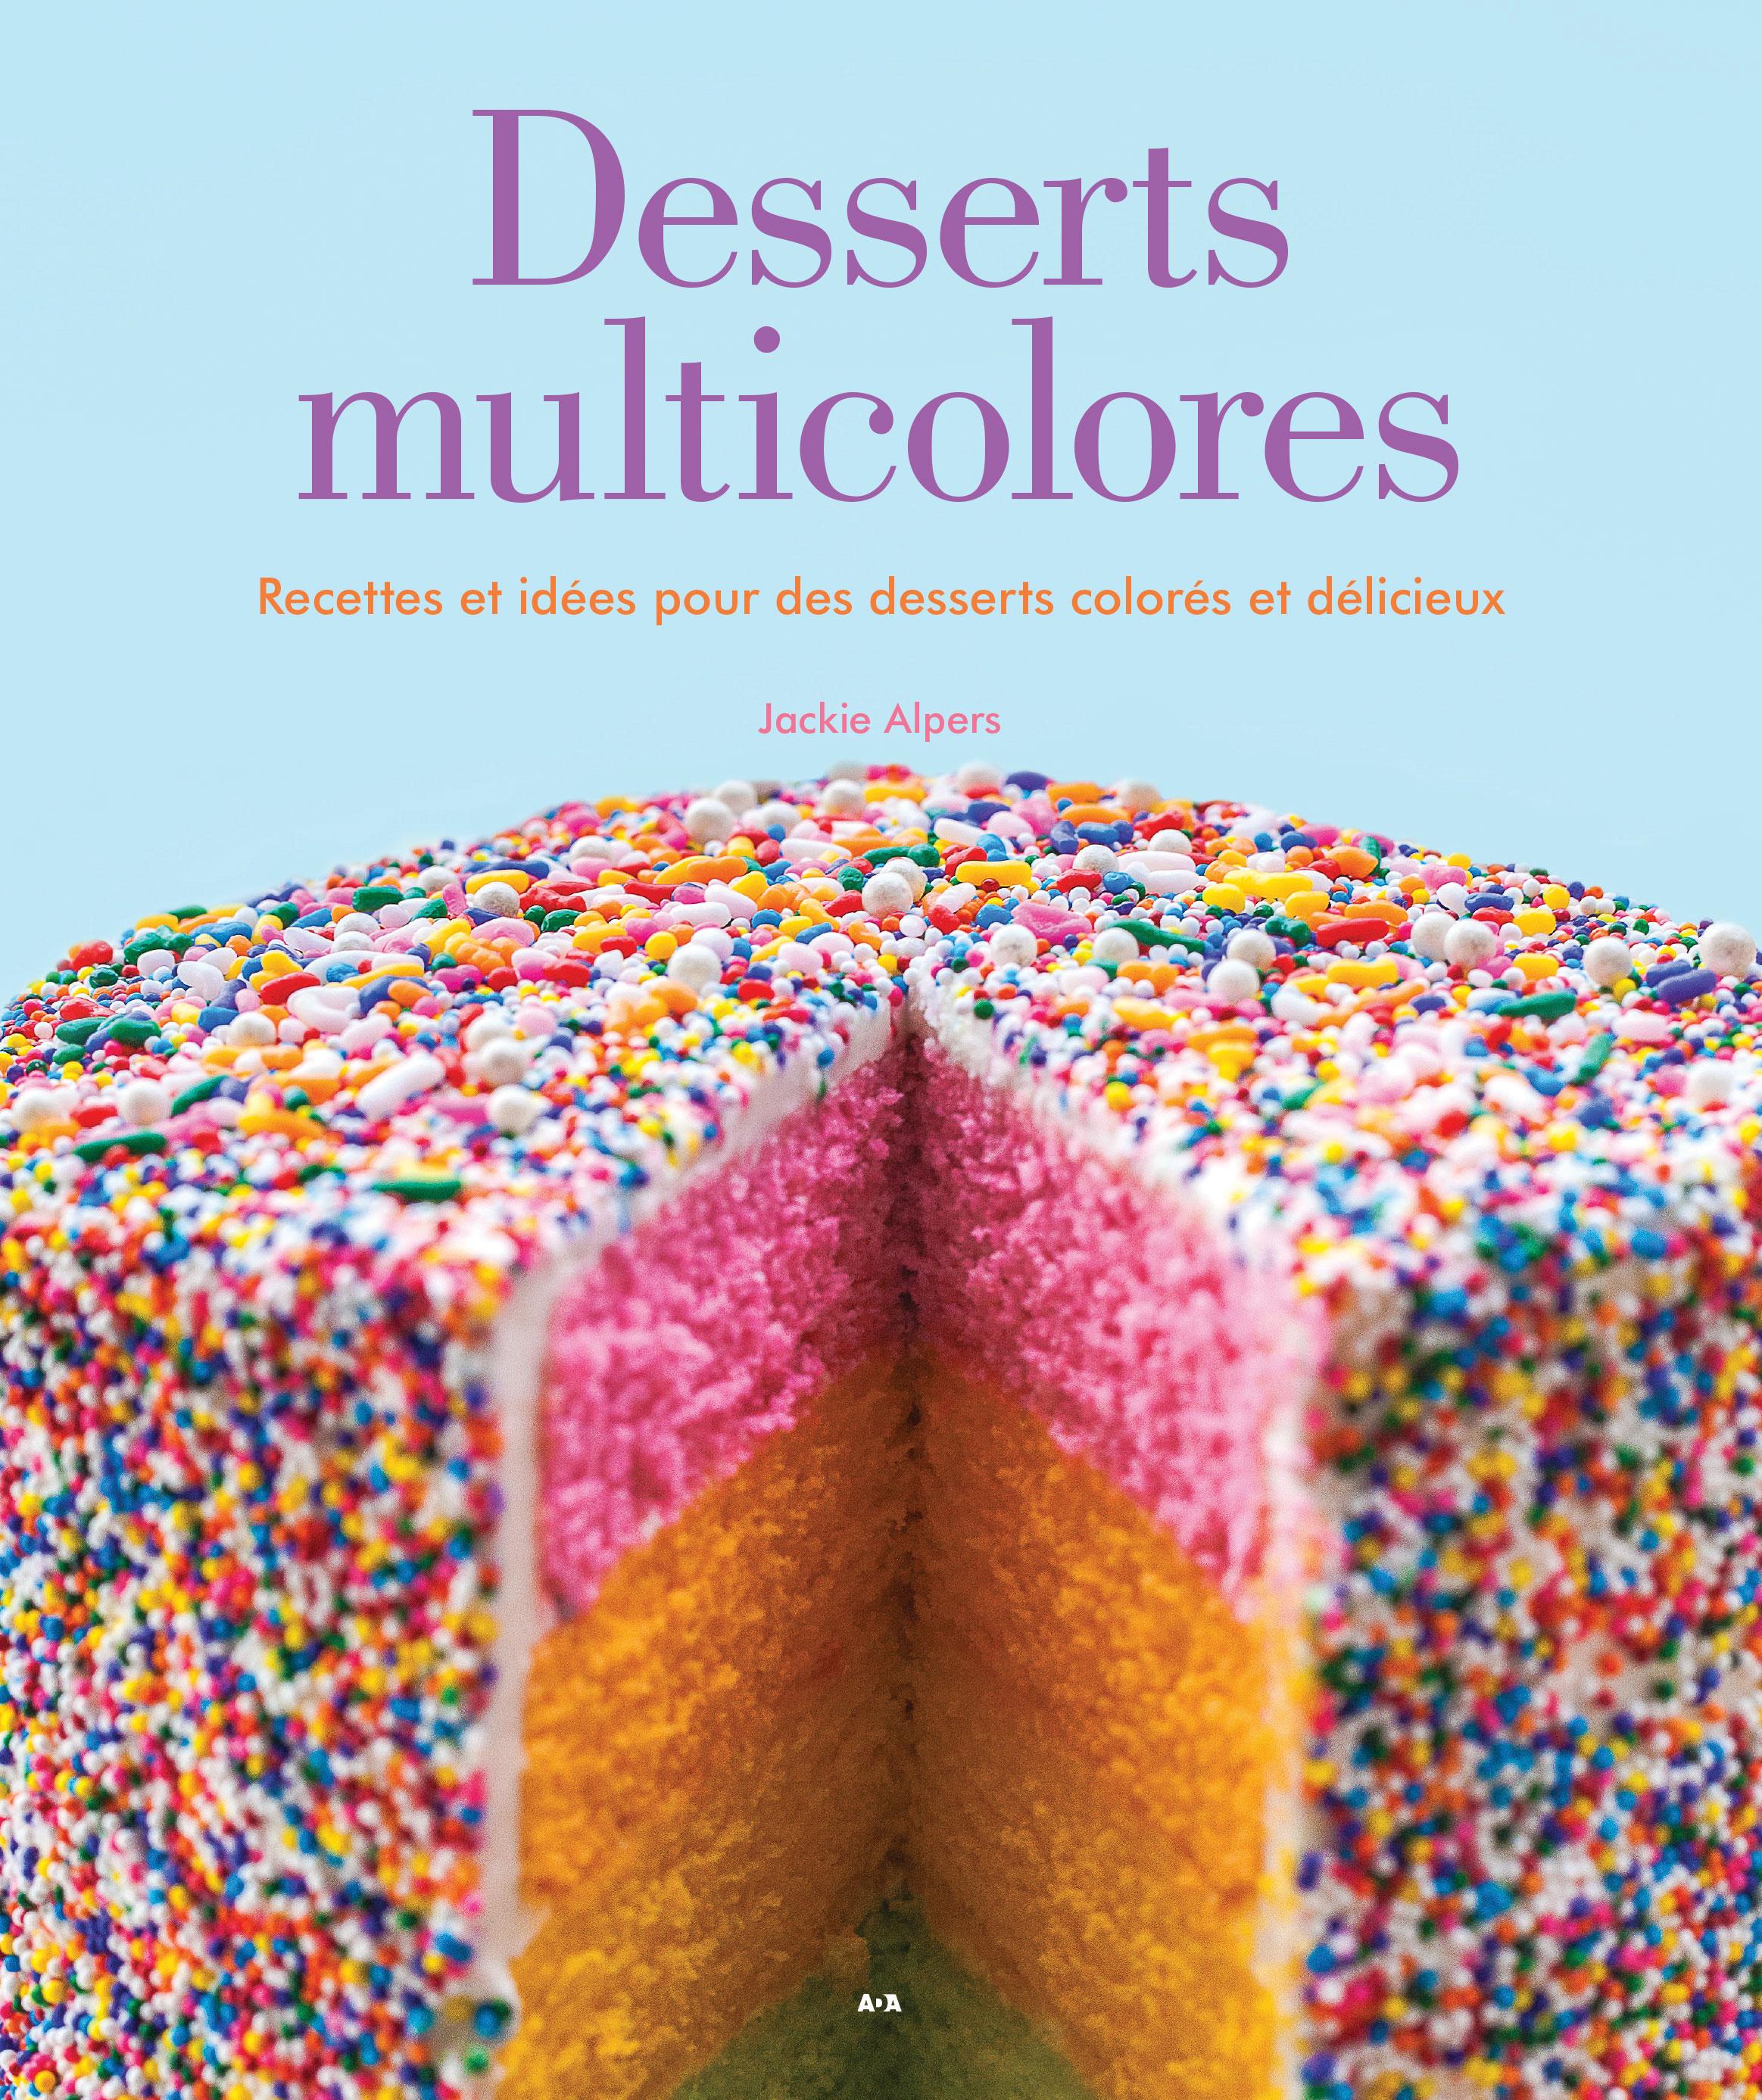 Desserts multicolores, Recettes et idées pour des desserts colorés et délicieux